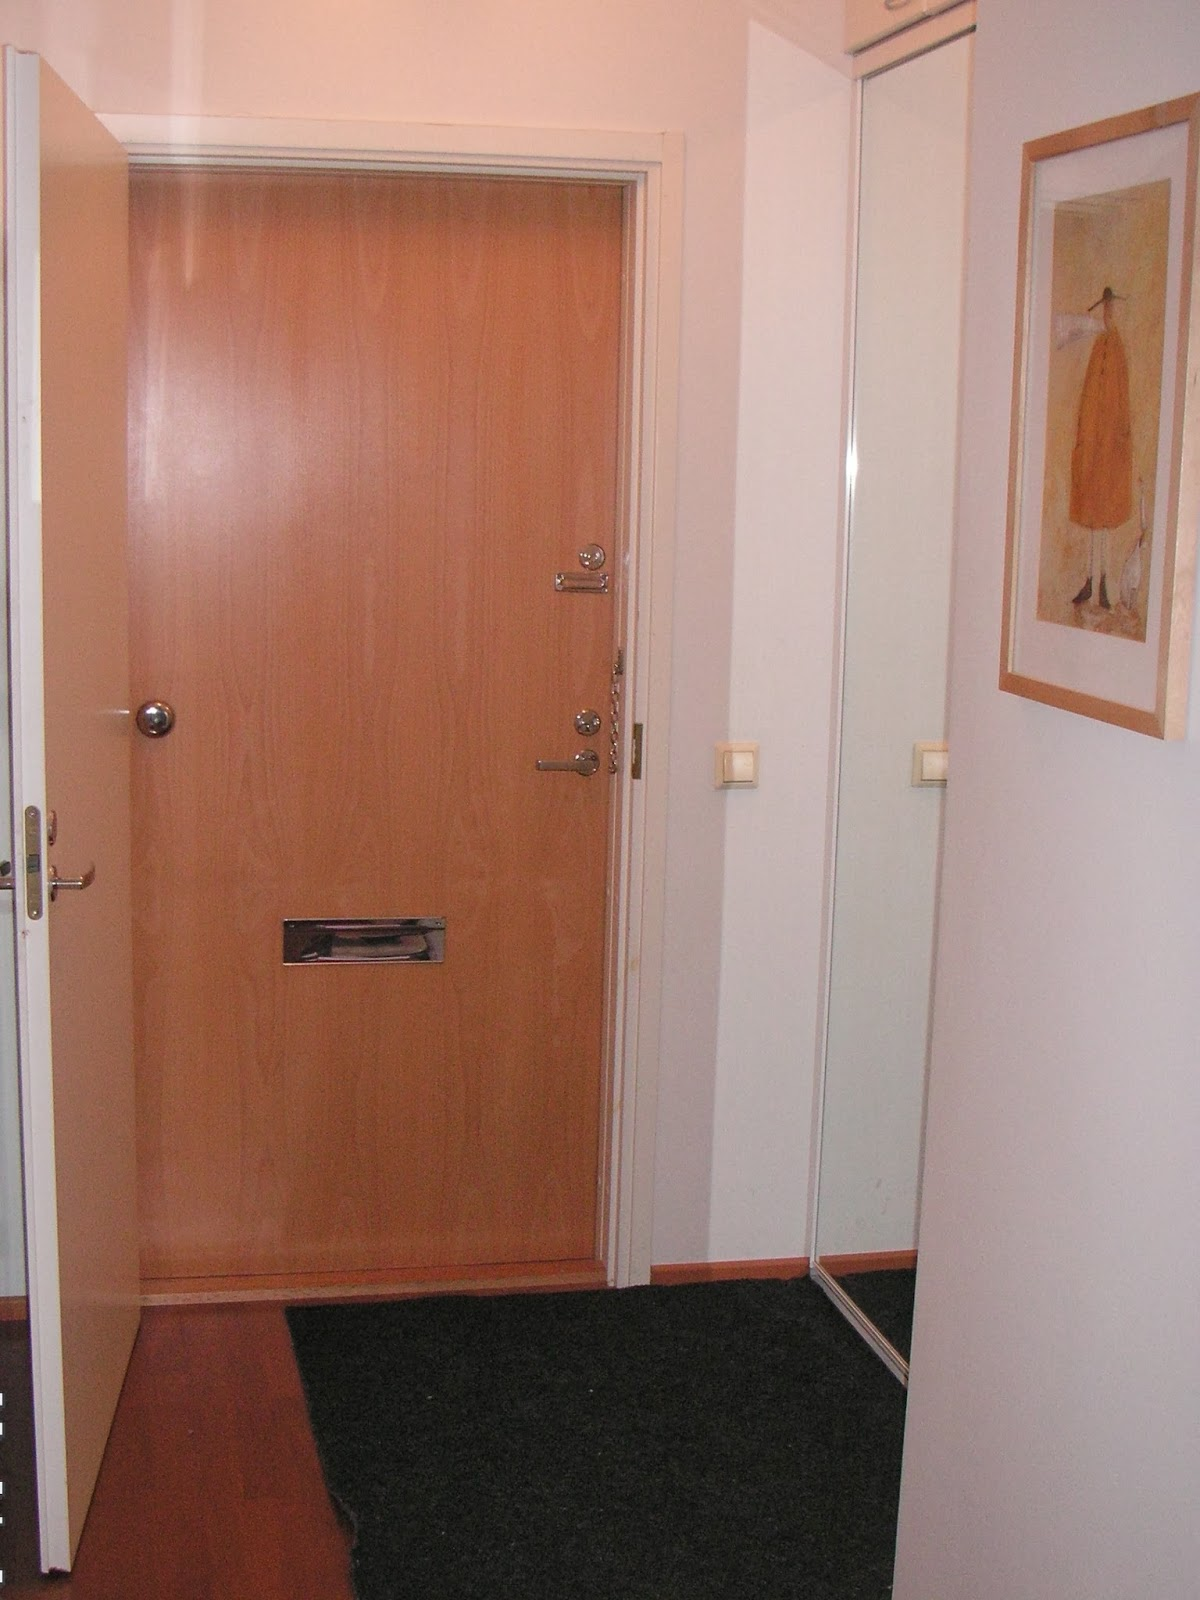 Viviendo suomi c mo son los pisos finlandeses parte i - Aislar puerta entrada piso ...